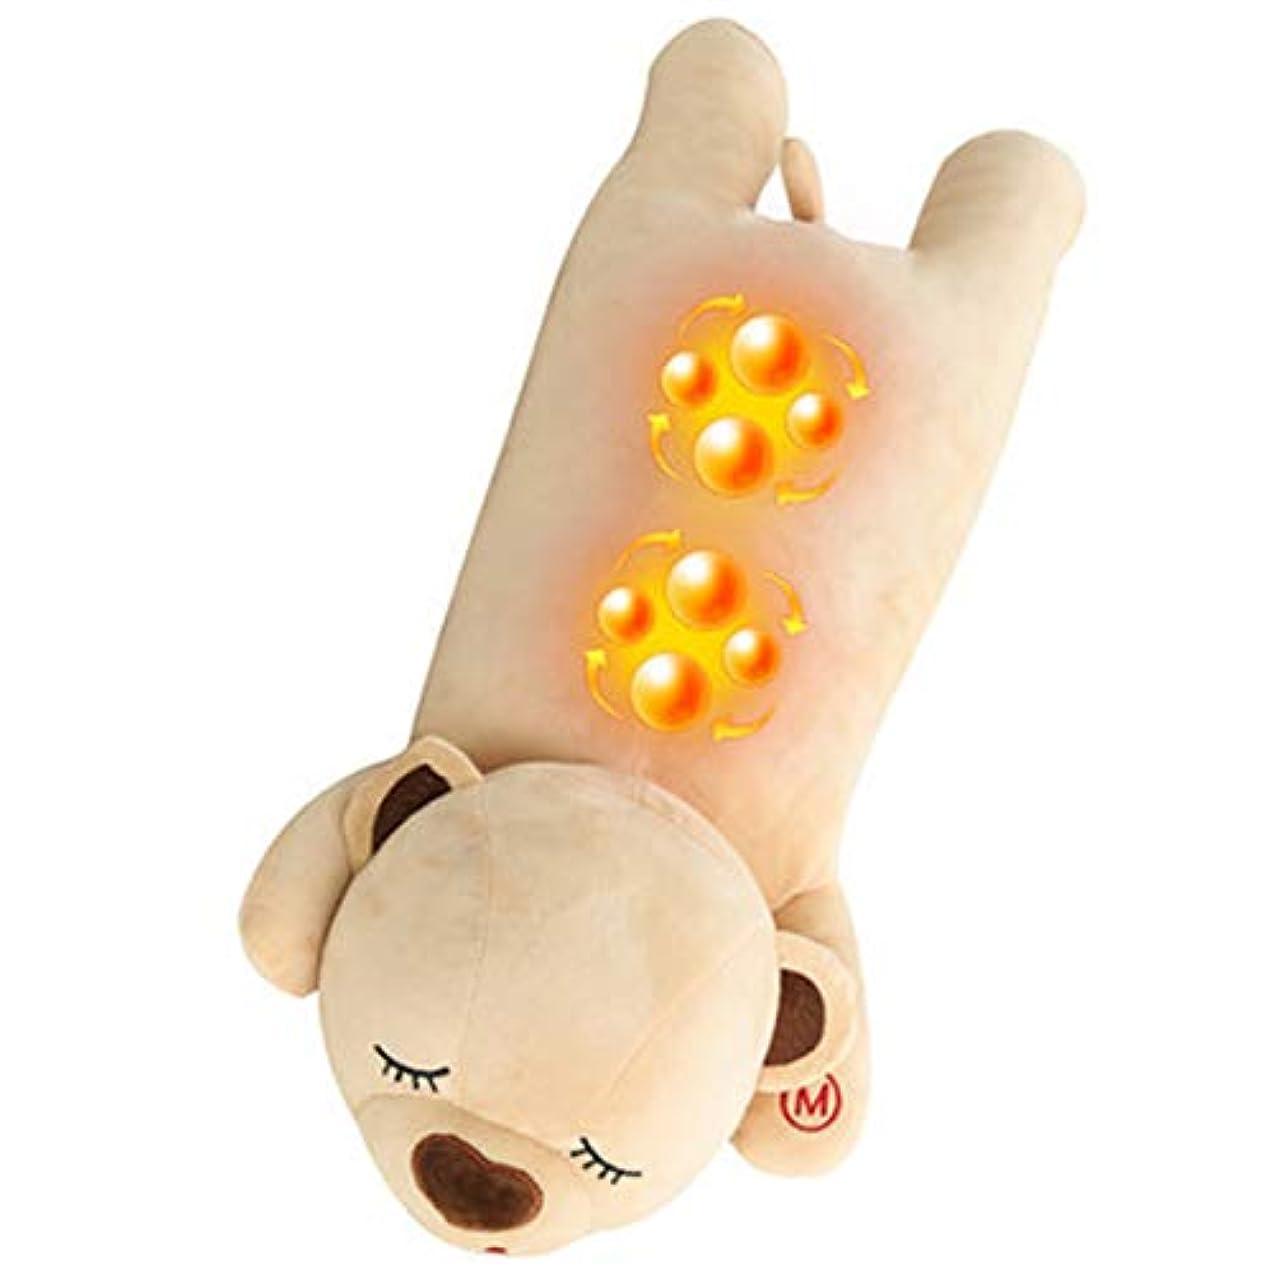 ホバート天文学ユニークな熱のある指圧ネックマッサージ枕-背中、首、肩、脚、足のディープティッシュTみマッサージ-男性/女性/ママ/パパへの完璧なギフト、マッサージギフト